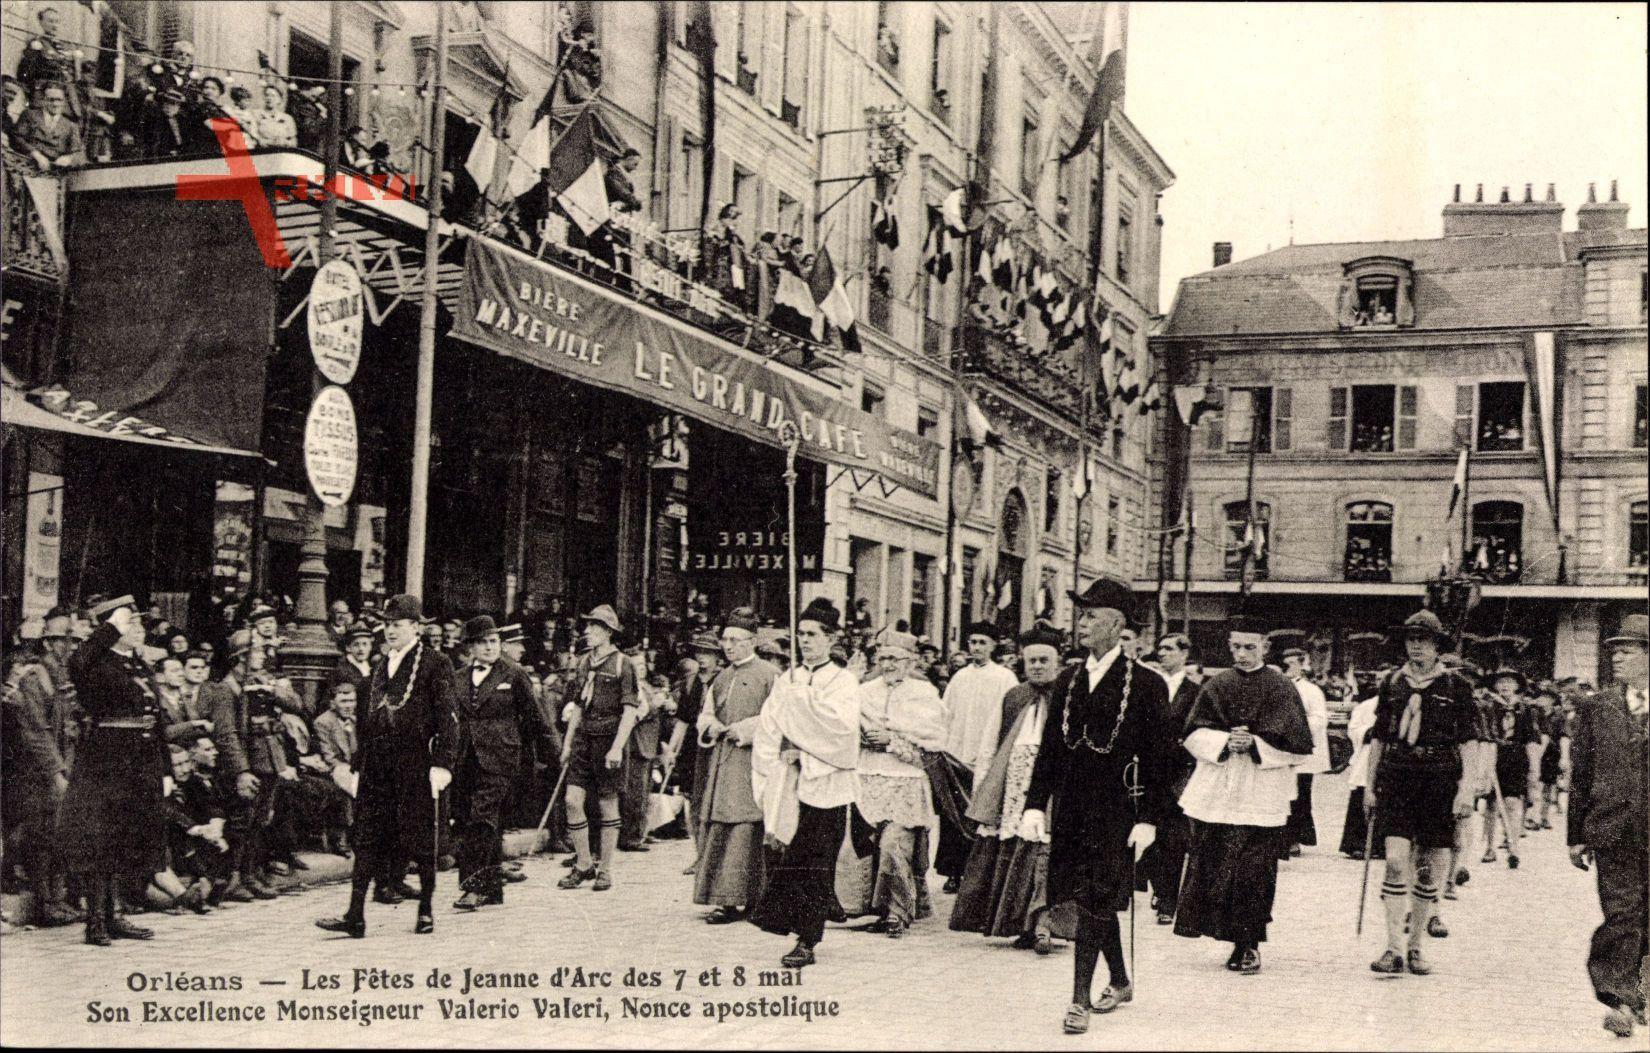 Orléans Loiret, Les Fêtes de Jeanne dArc, Valerio Valeri, Nonce apostolique